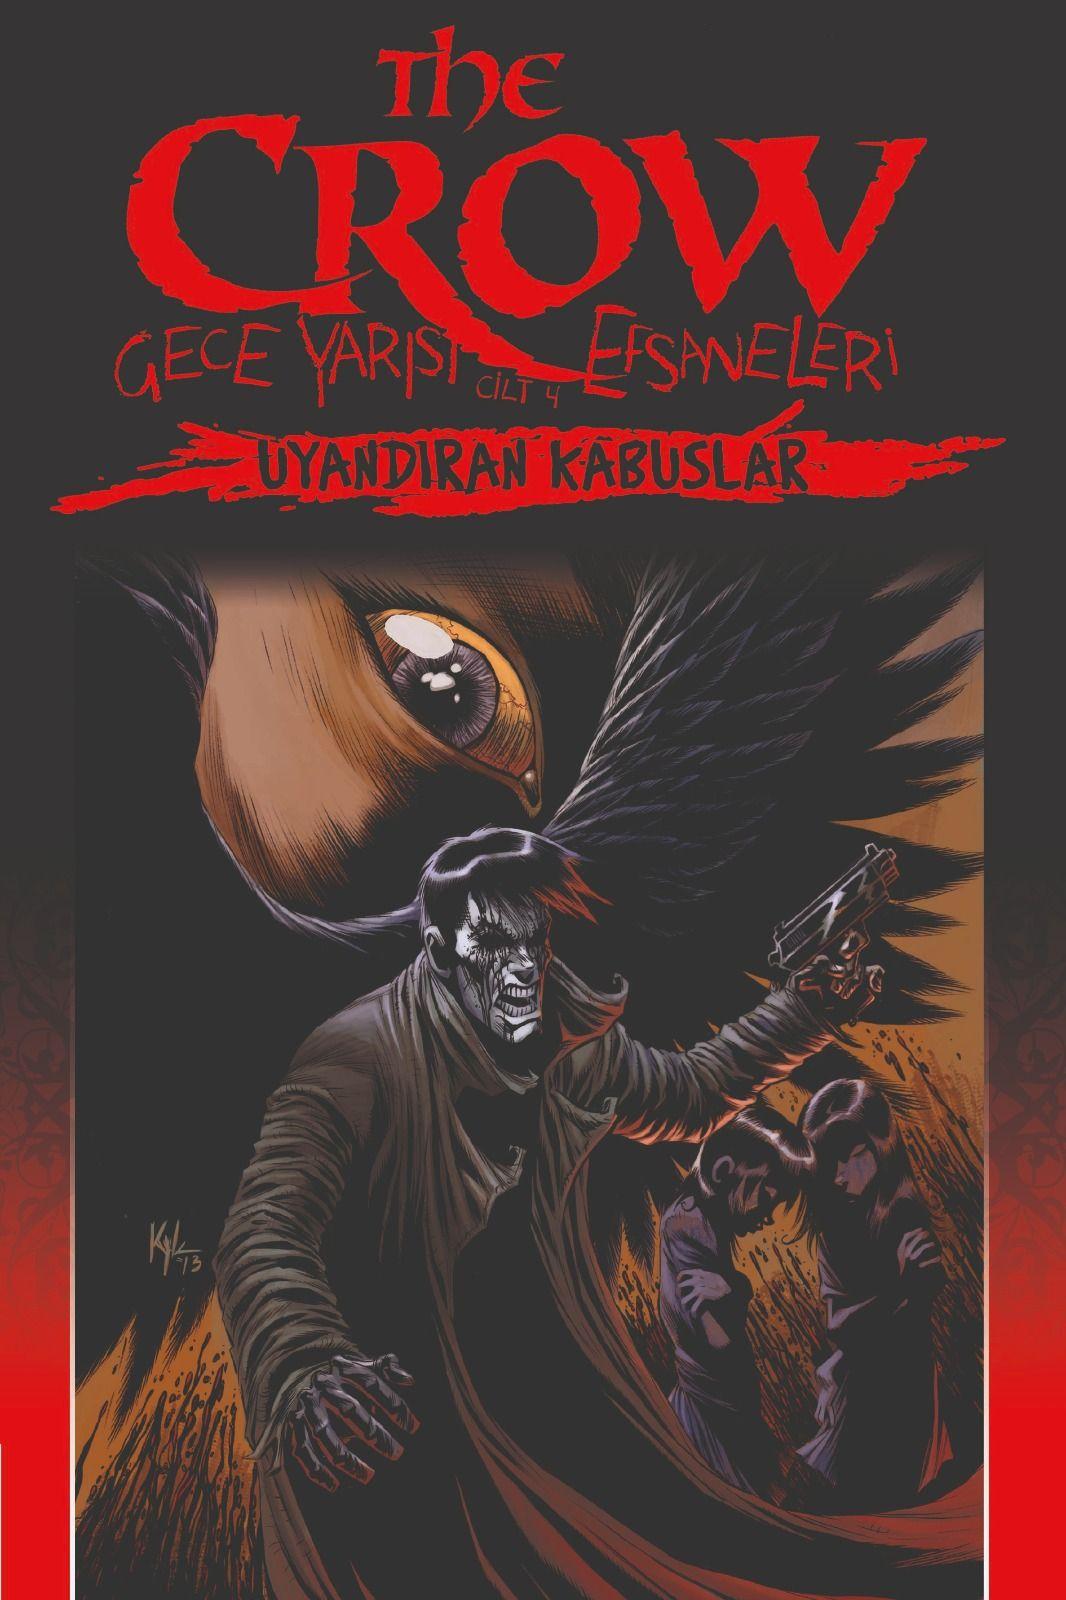 The Crow: Gece Yarısı Efsaneleri Cilt 4 - Uyandıran Kabuslar